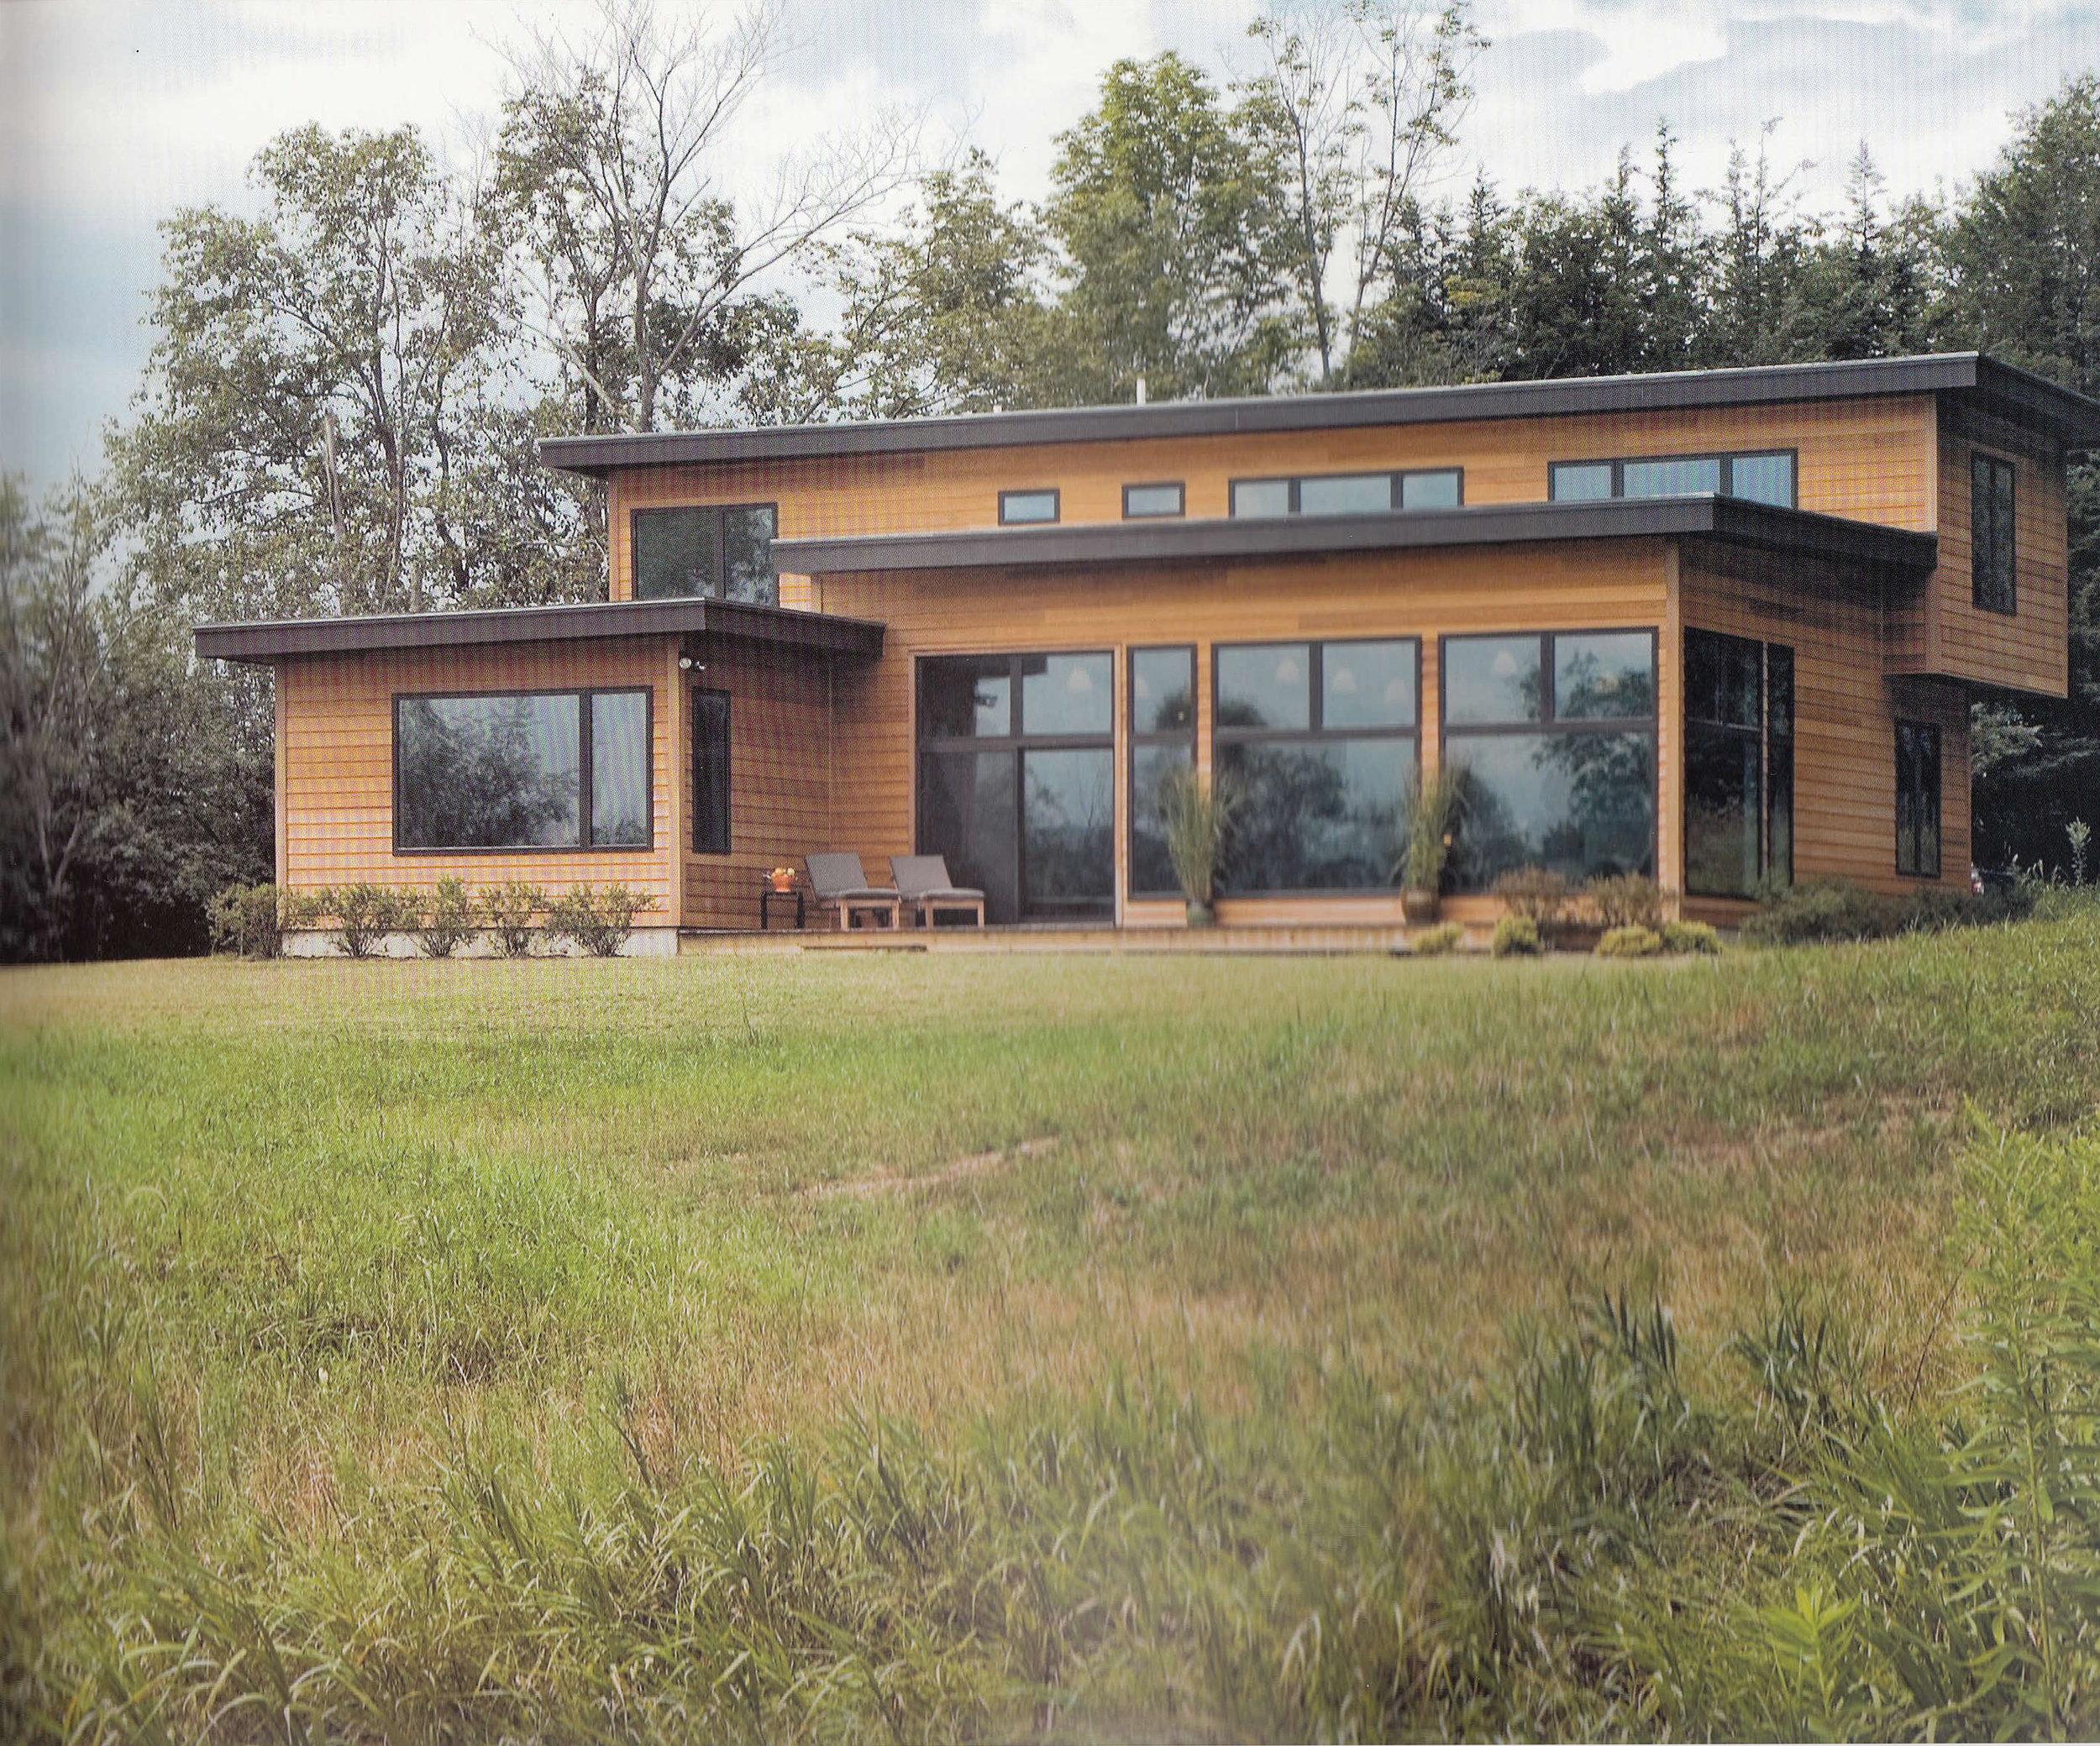 turkel_design_prefab_press_Modern_Cottage_Prefabuolus.3crop.jpg